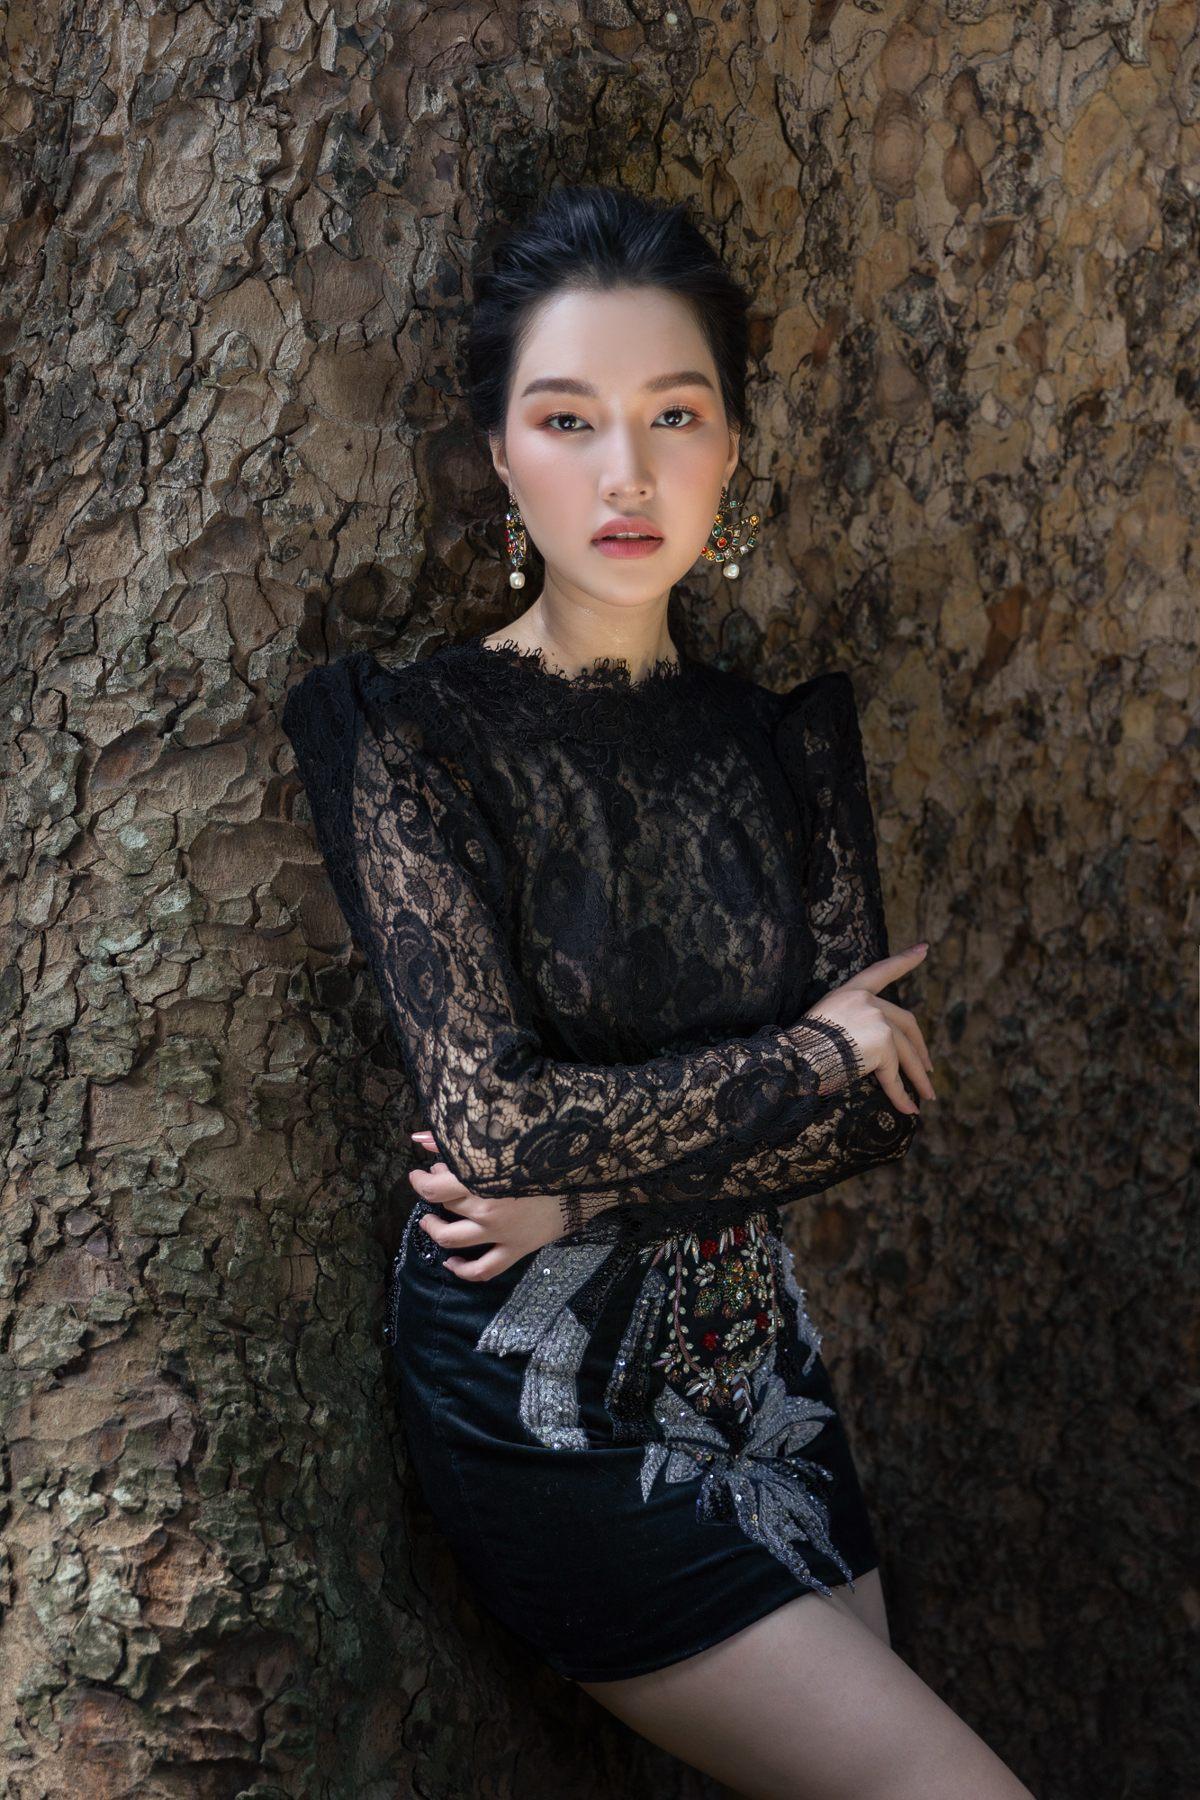 'Nàng thơ xứ Huế' Ngọc Trân cuốn hút với nét mơ màng trong loạt váy áo e ấp Ảnh 23